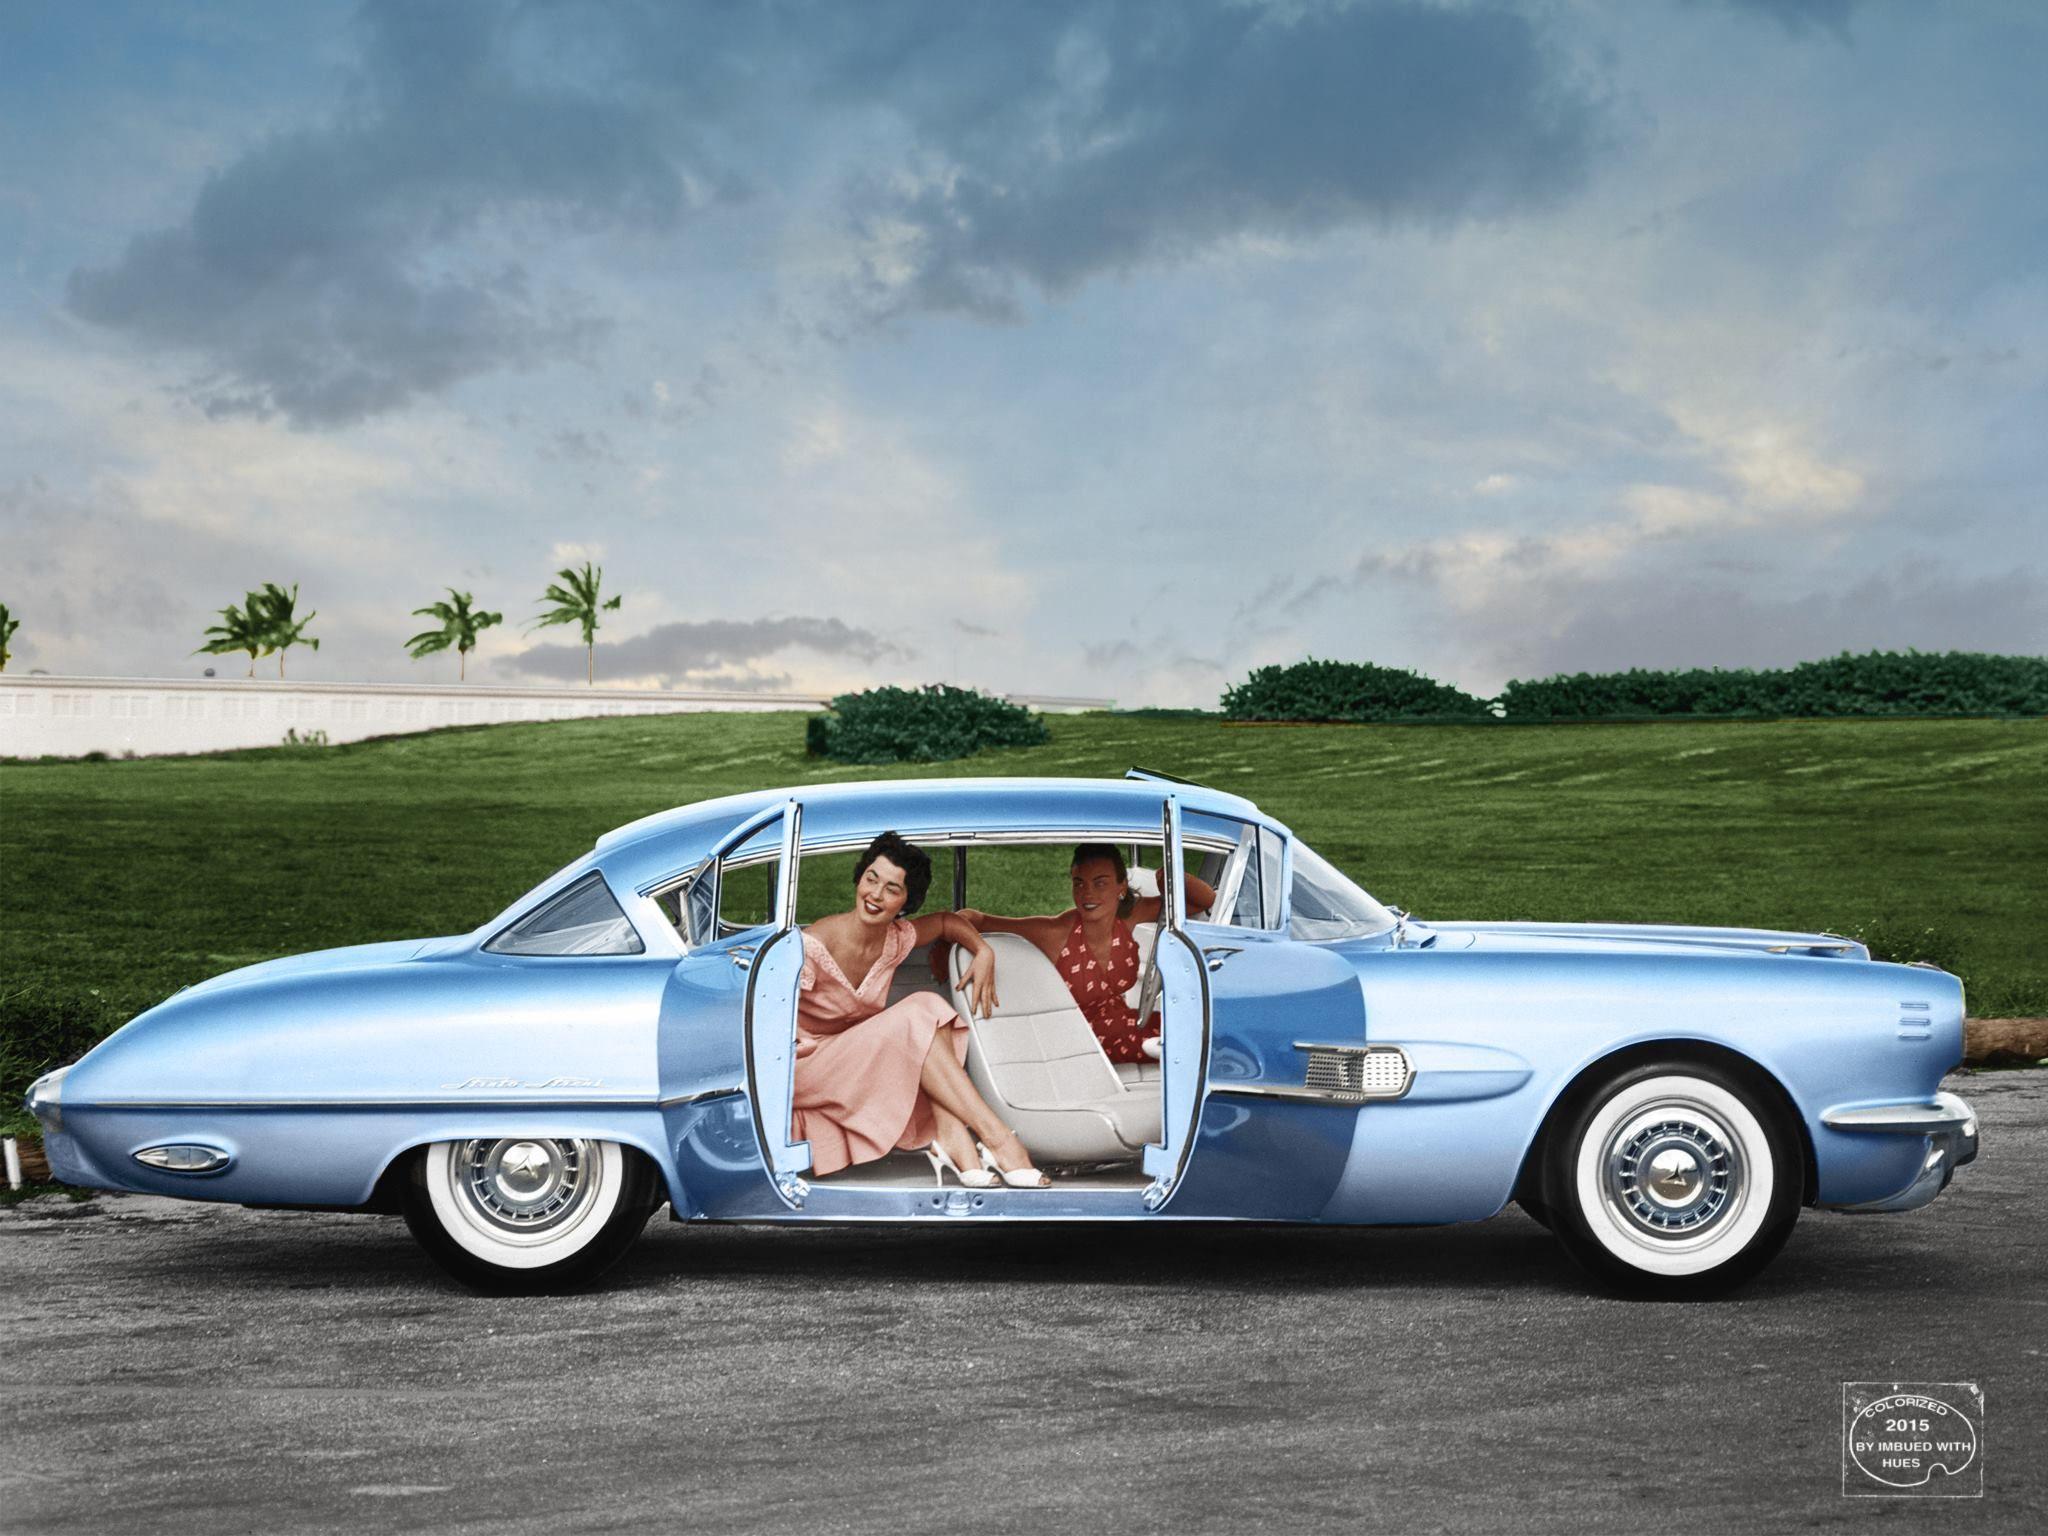 1954 pontiac bonneville special classic car art design classic_car_art classiccarartdesign expensive carsconcept